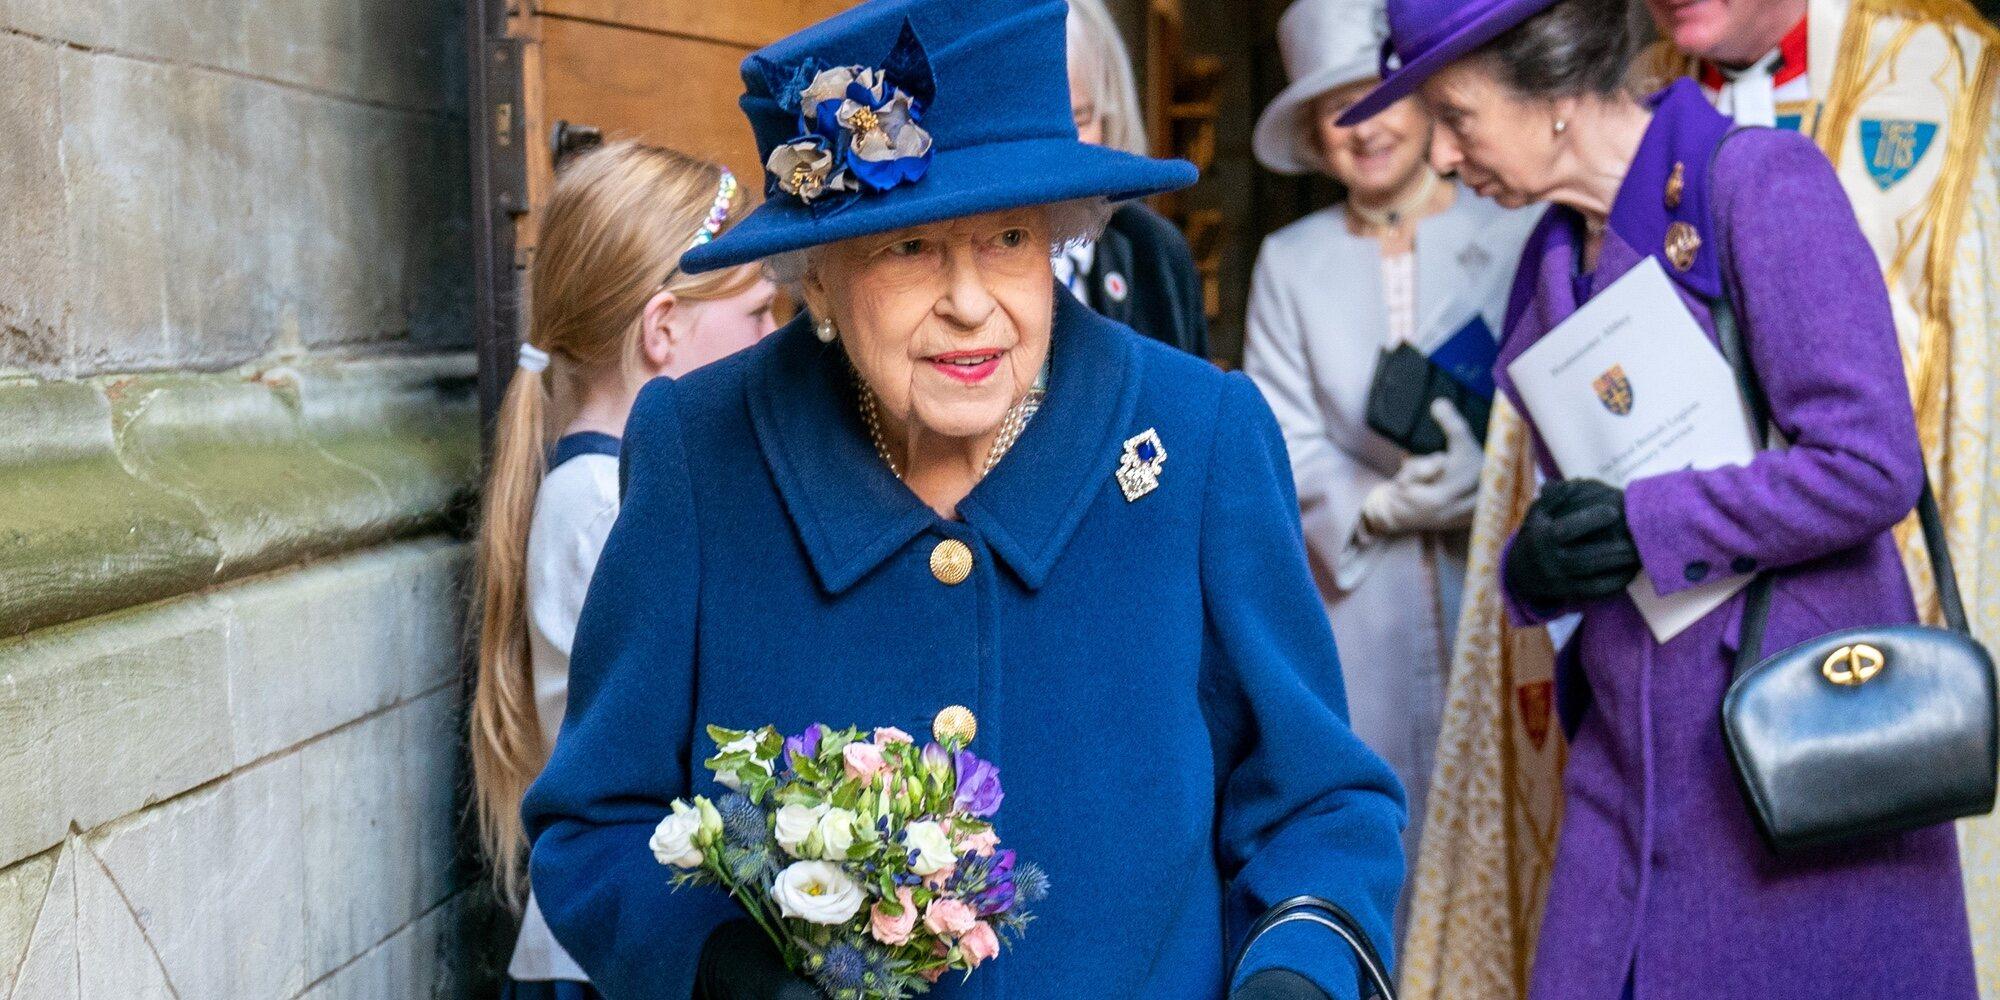 La Reina Isabel se apoya en un bastón en un acto en la Abadía de Westminster con la Princesa Ana